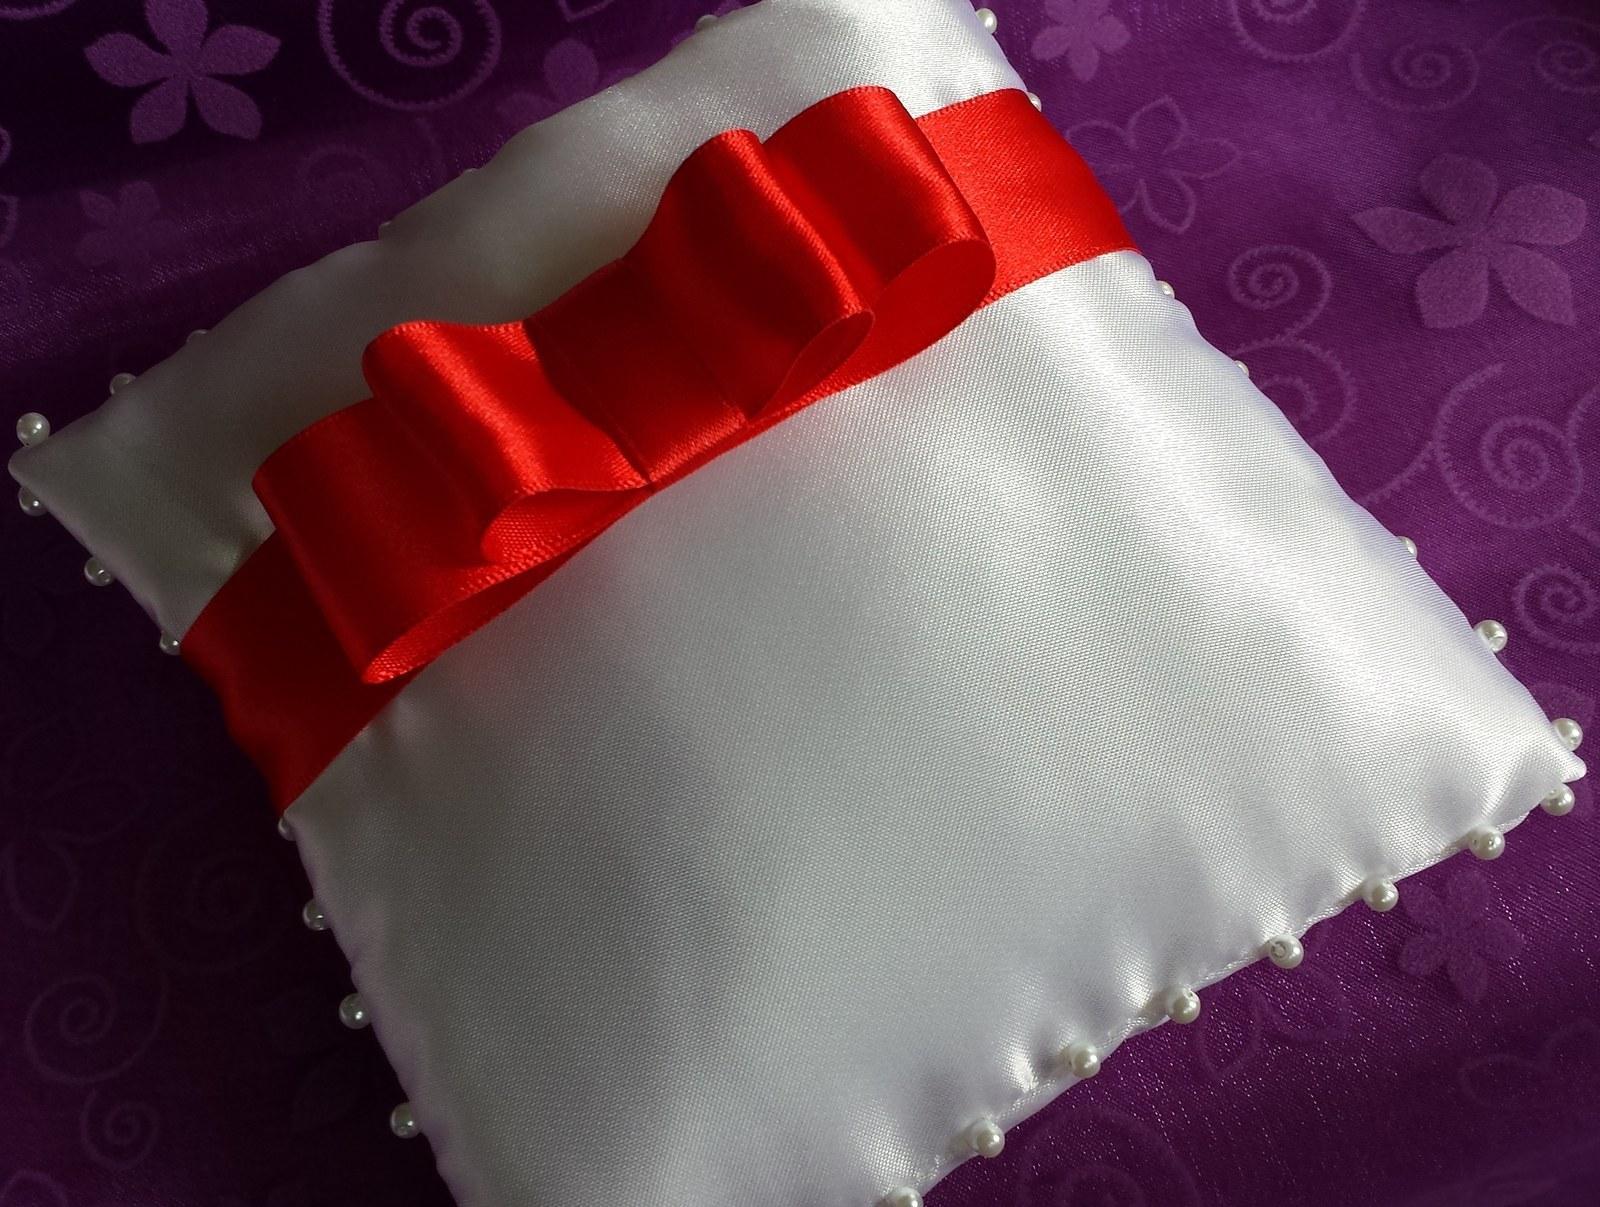 Bílý polštářek pod prstýnky s červenou mašličkou - Obrázek č. 1